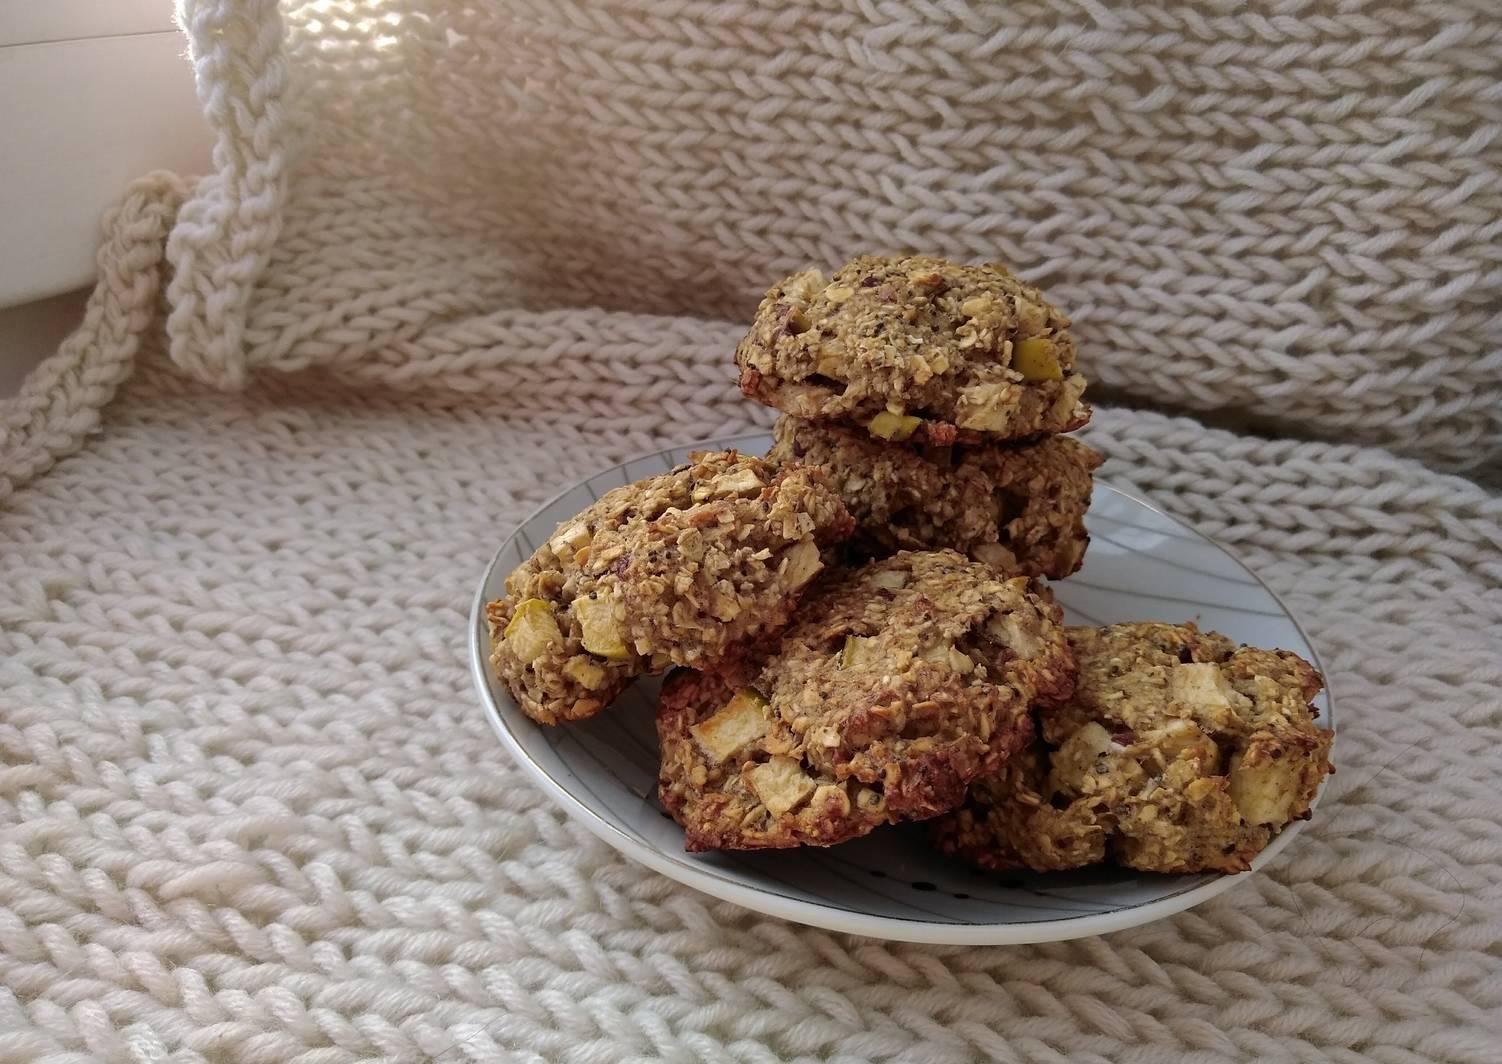 самосвалы для овсяное печенье на завтрак рецепт с фото ровное, вход